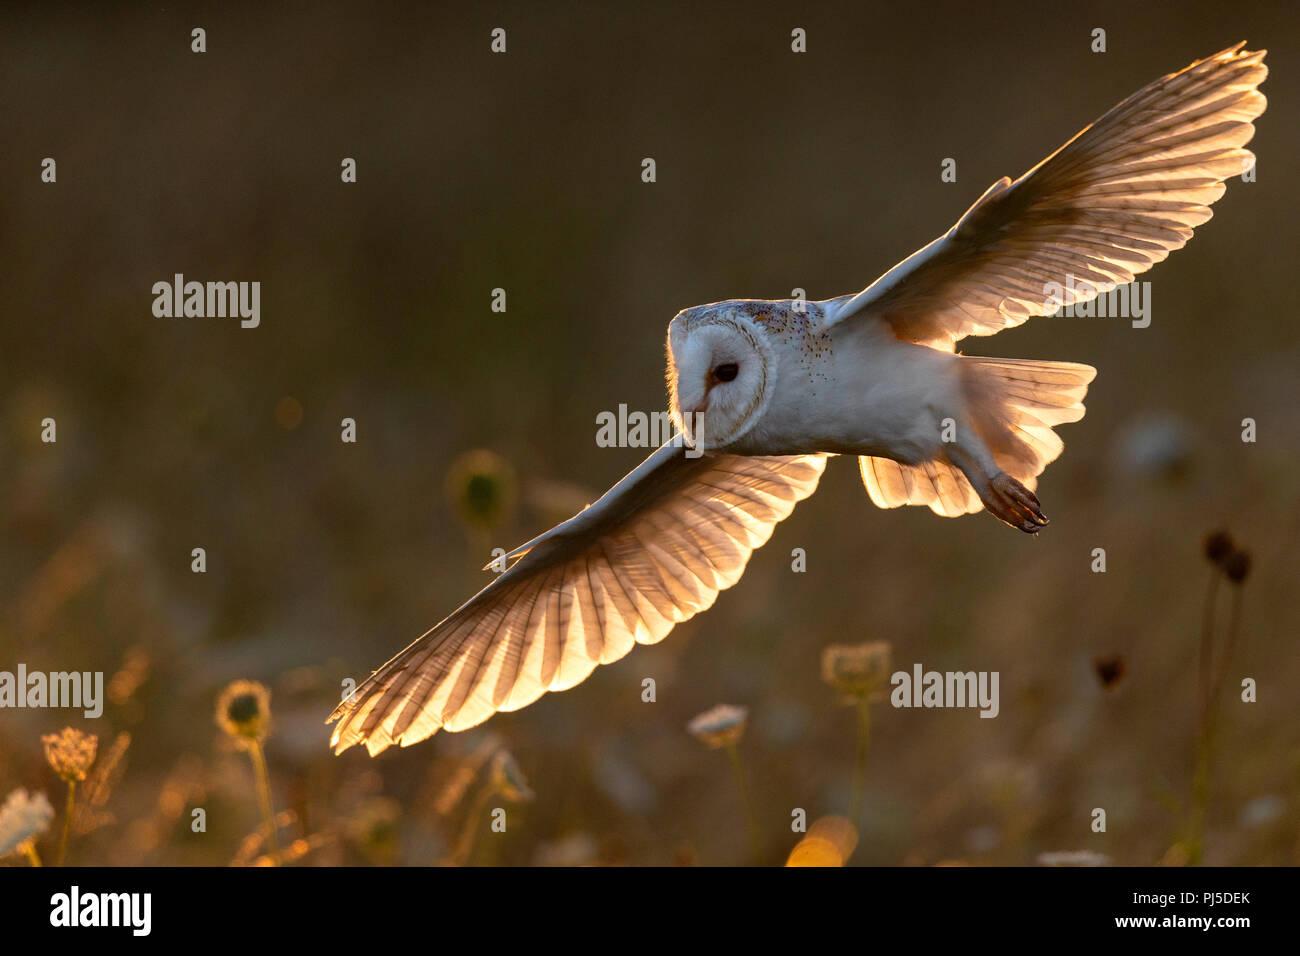 Lechuza en vuelo por la tarde sol retroiluminado Imagen De Stock